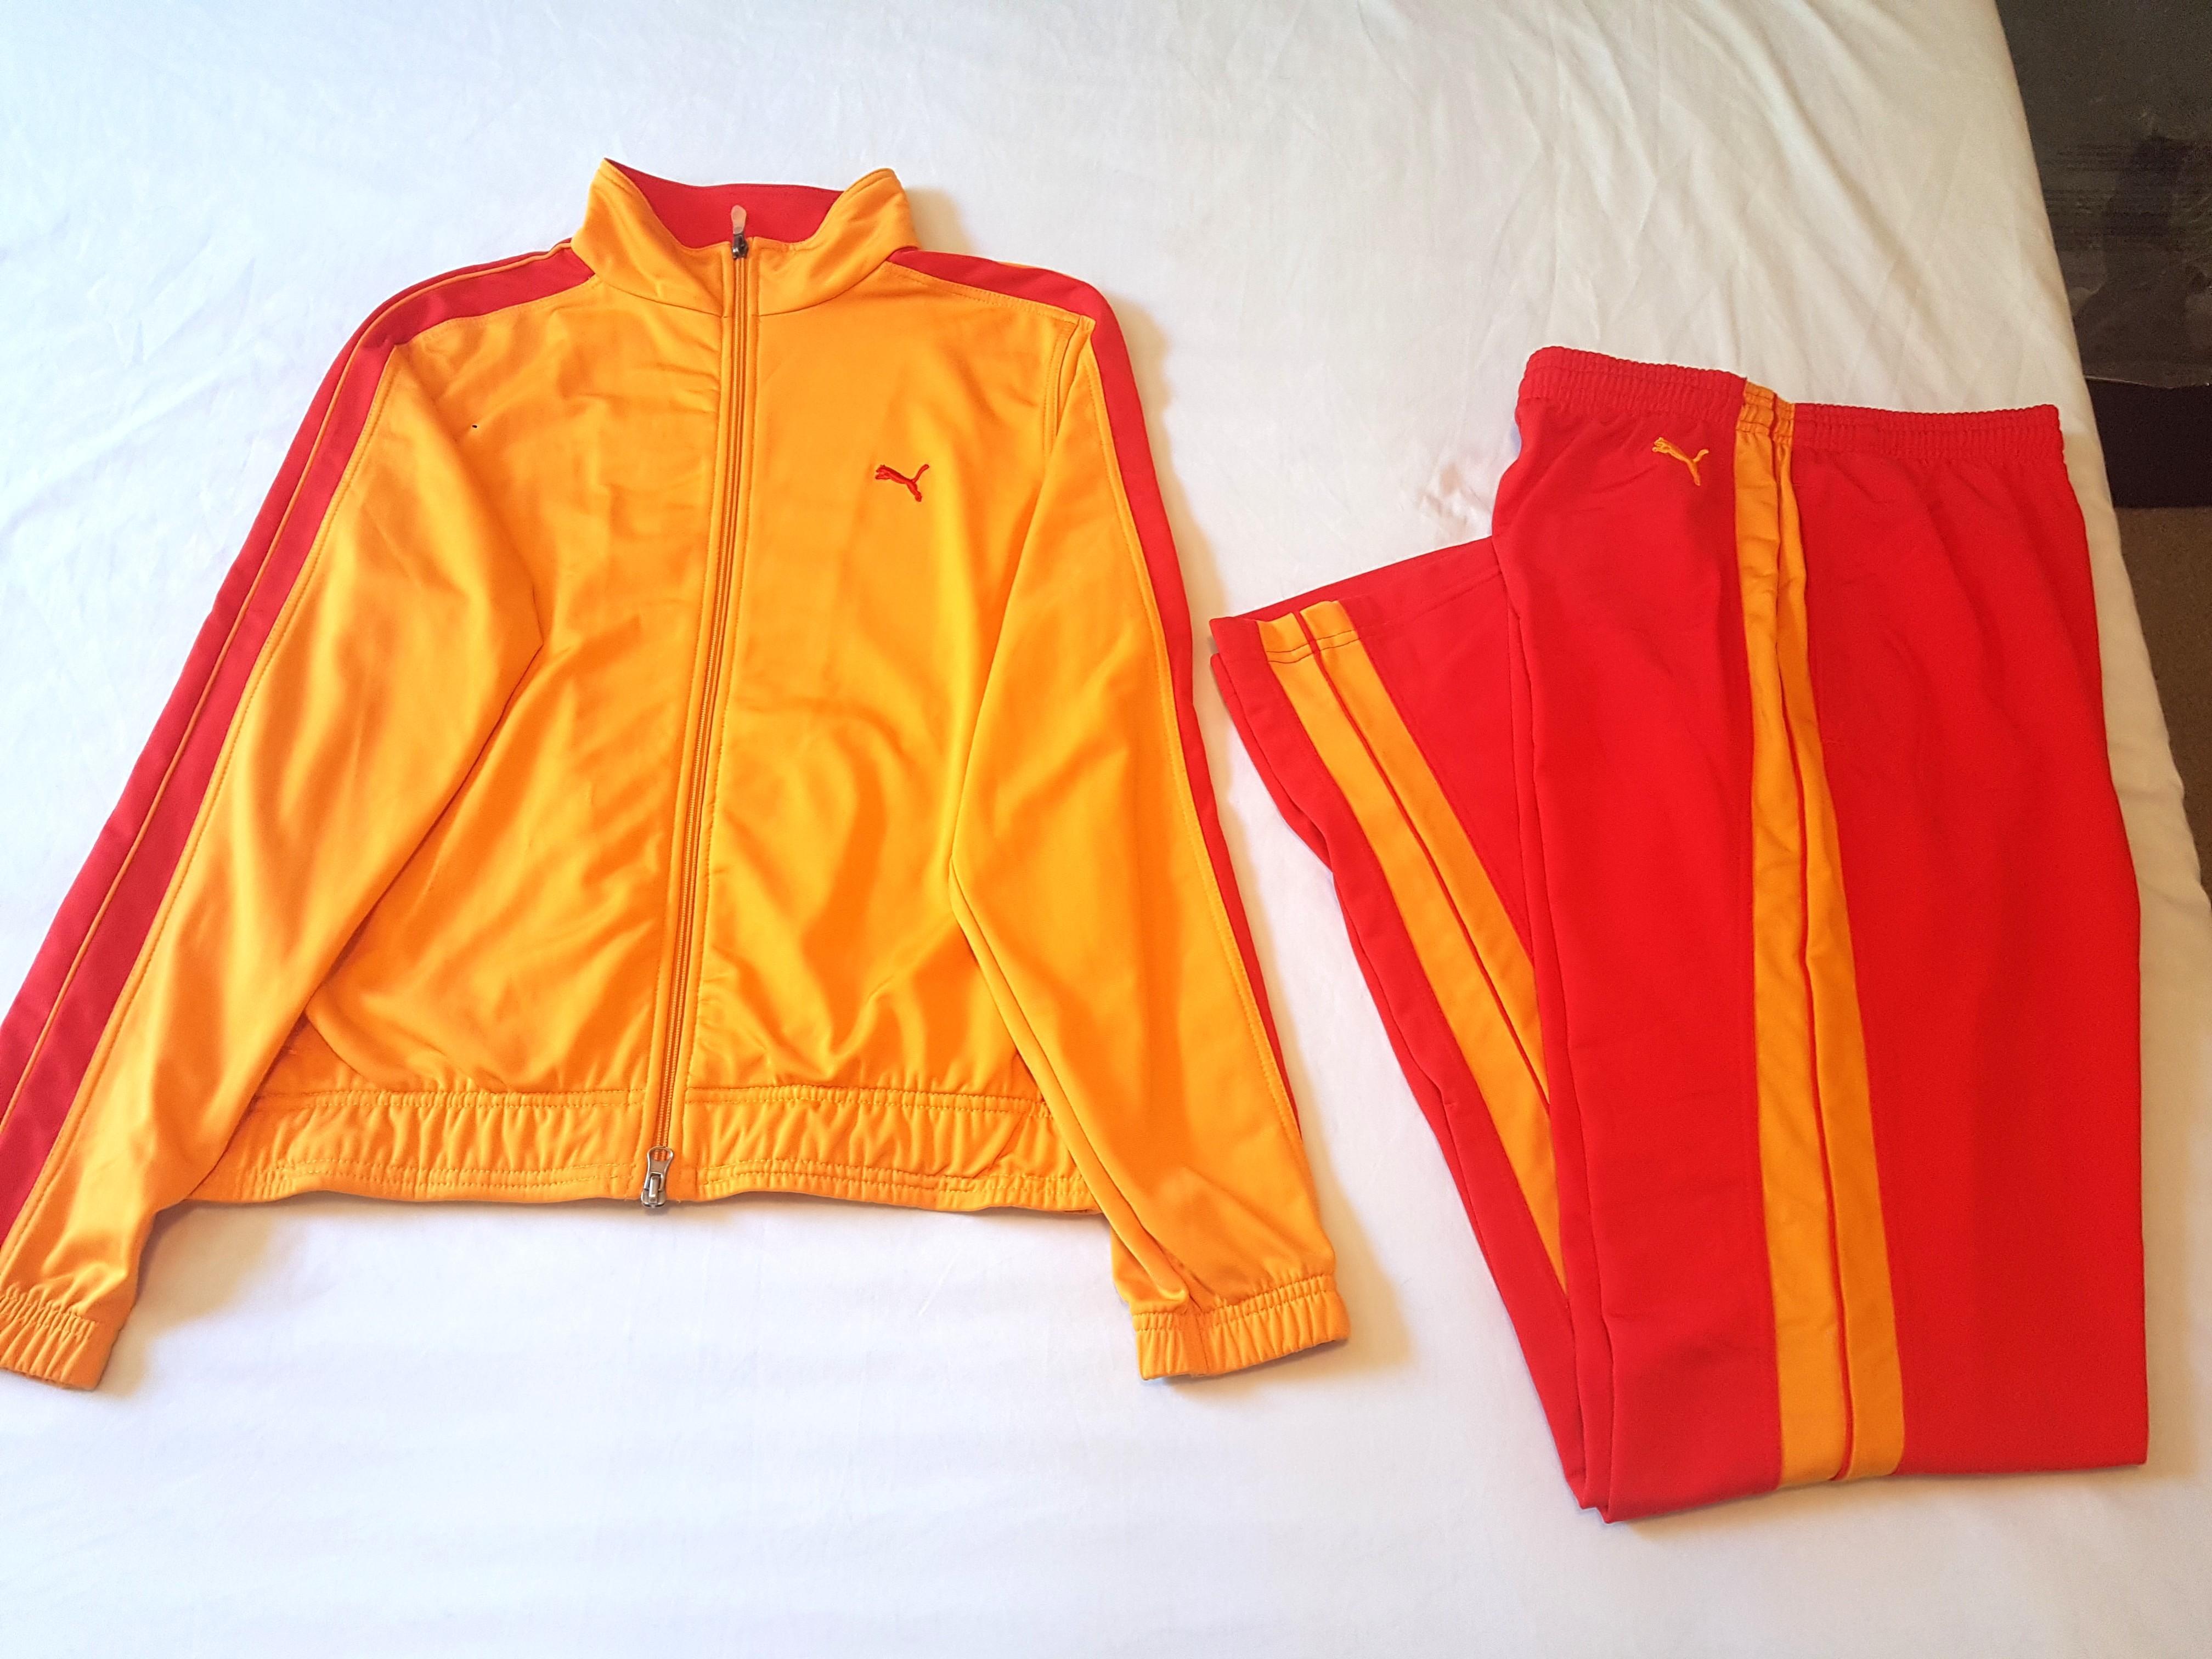 *REDUCED* Retro Puma Red/orange track suit